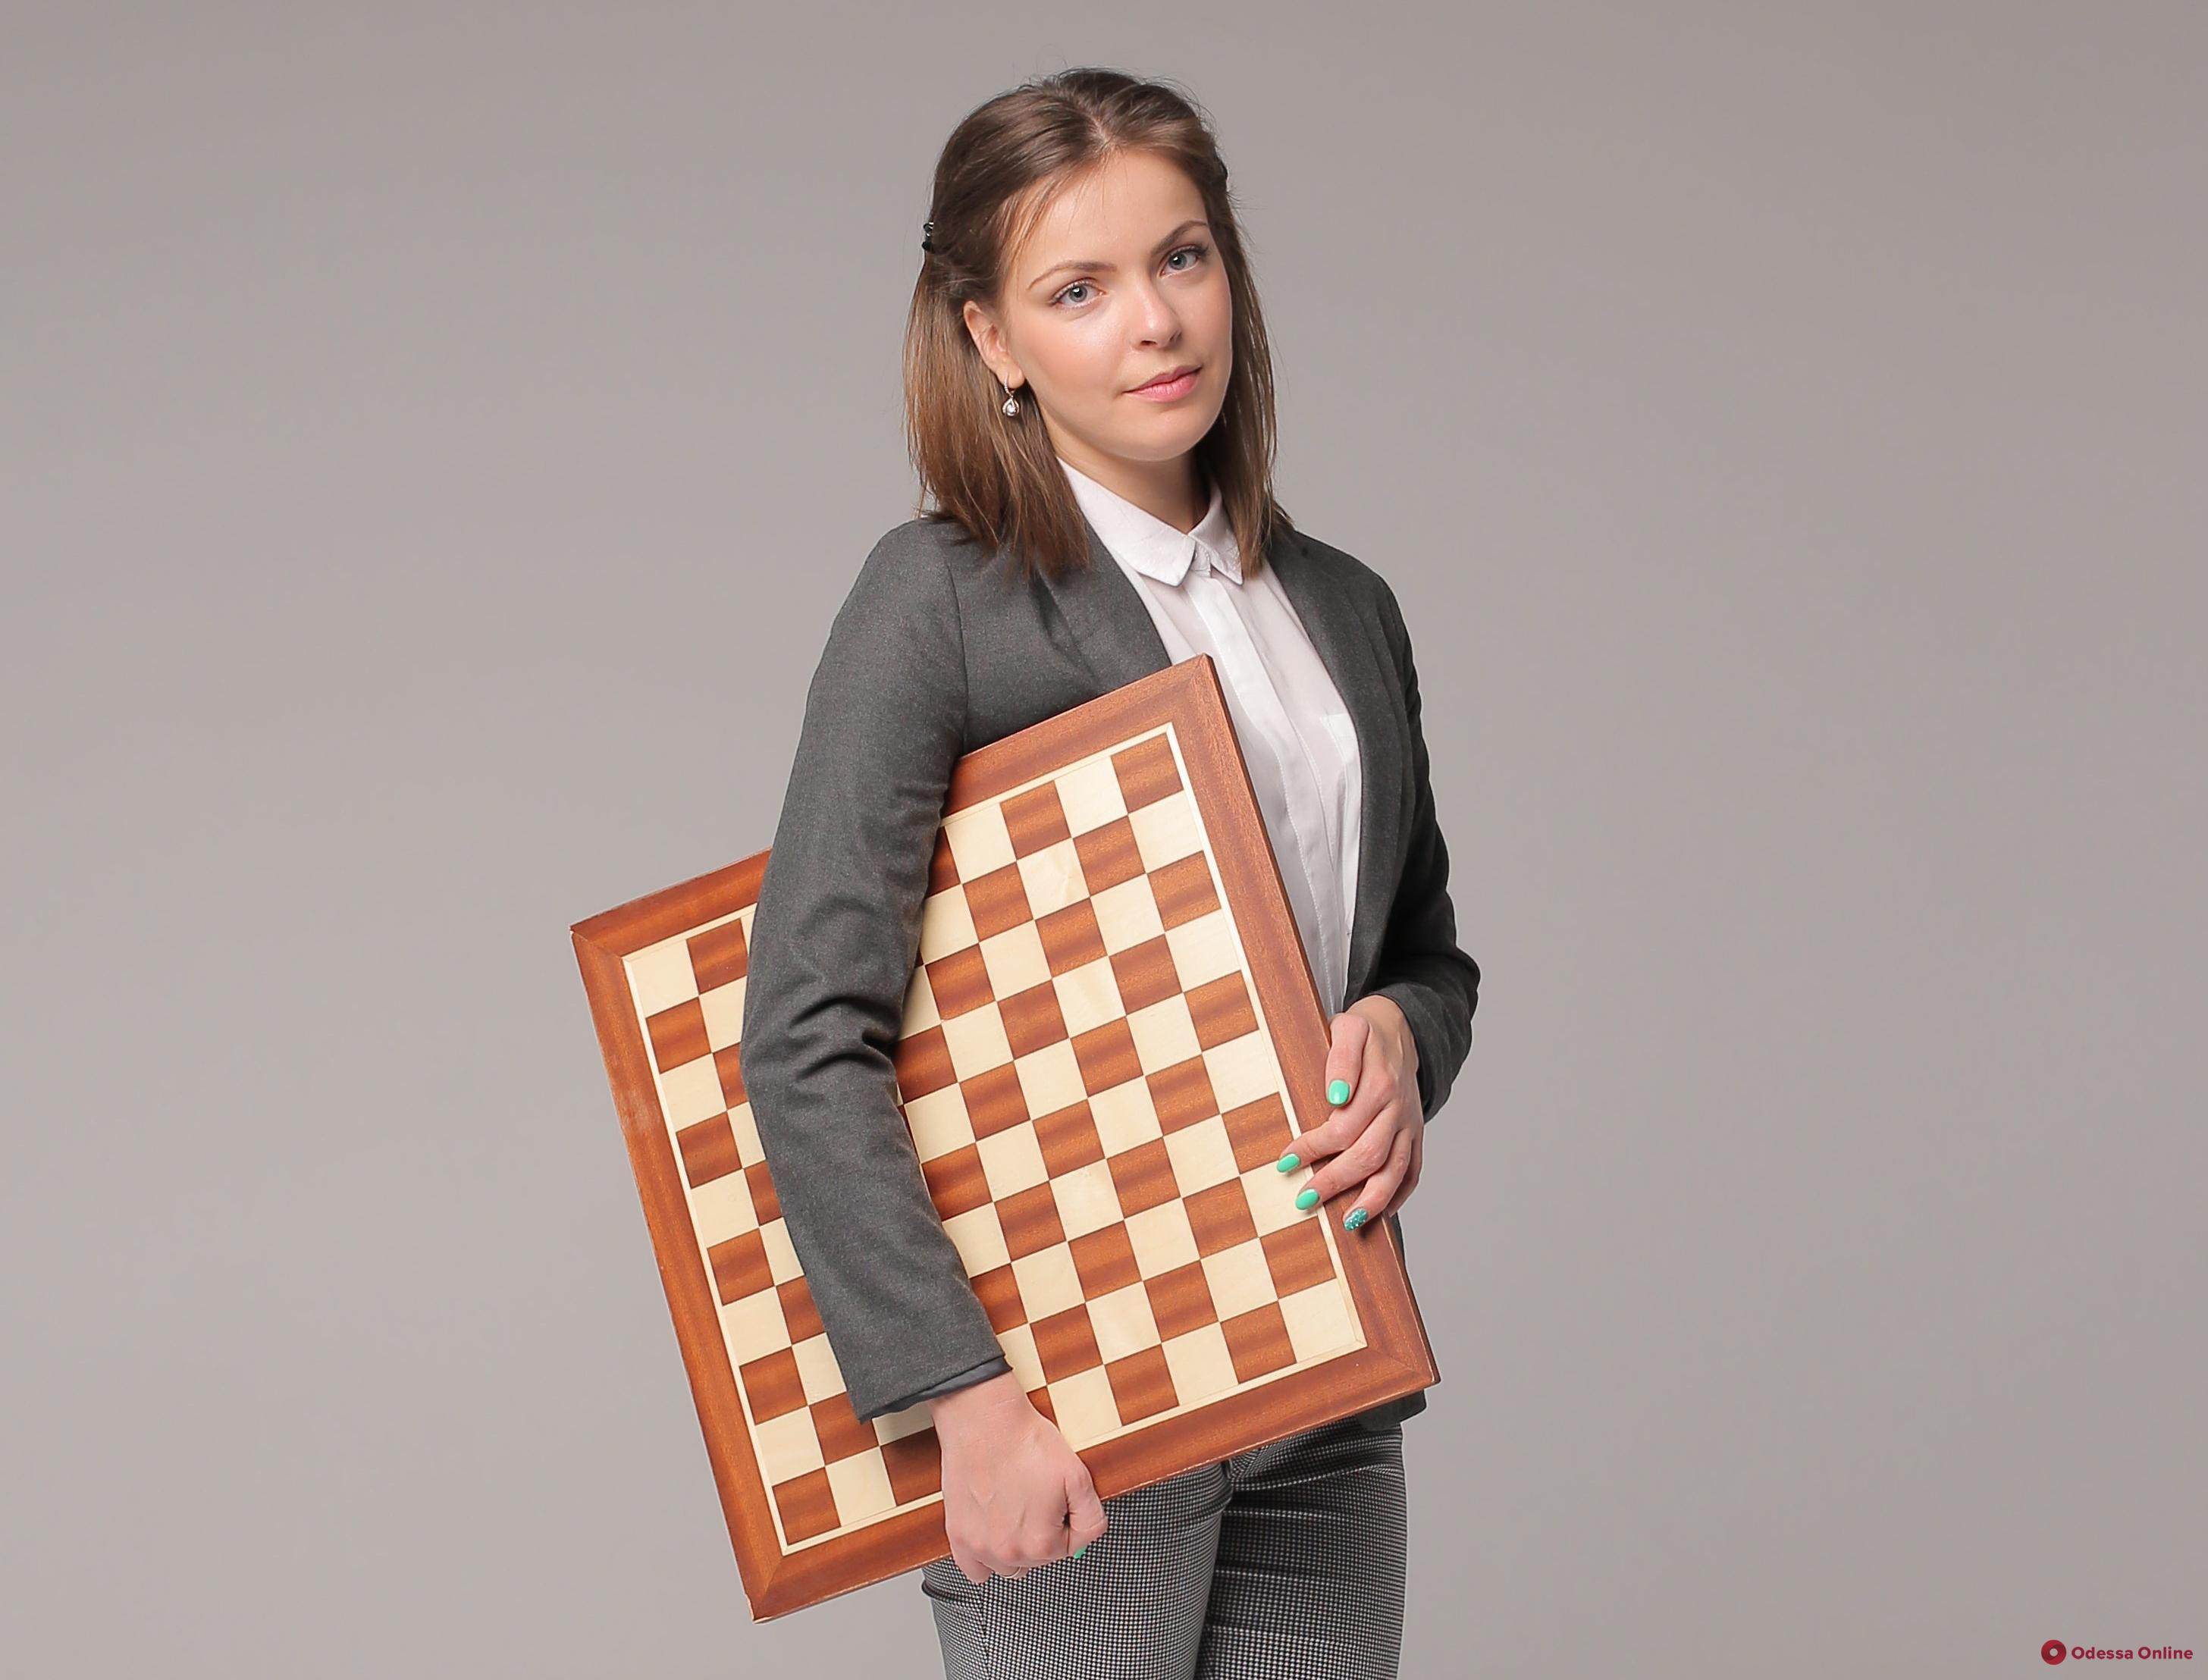 Одесская шашистка завоевала второе «золото» чемпионата Украины за два дня